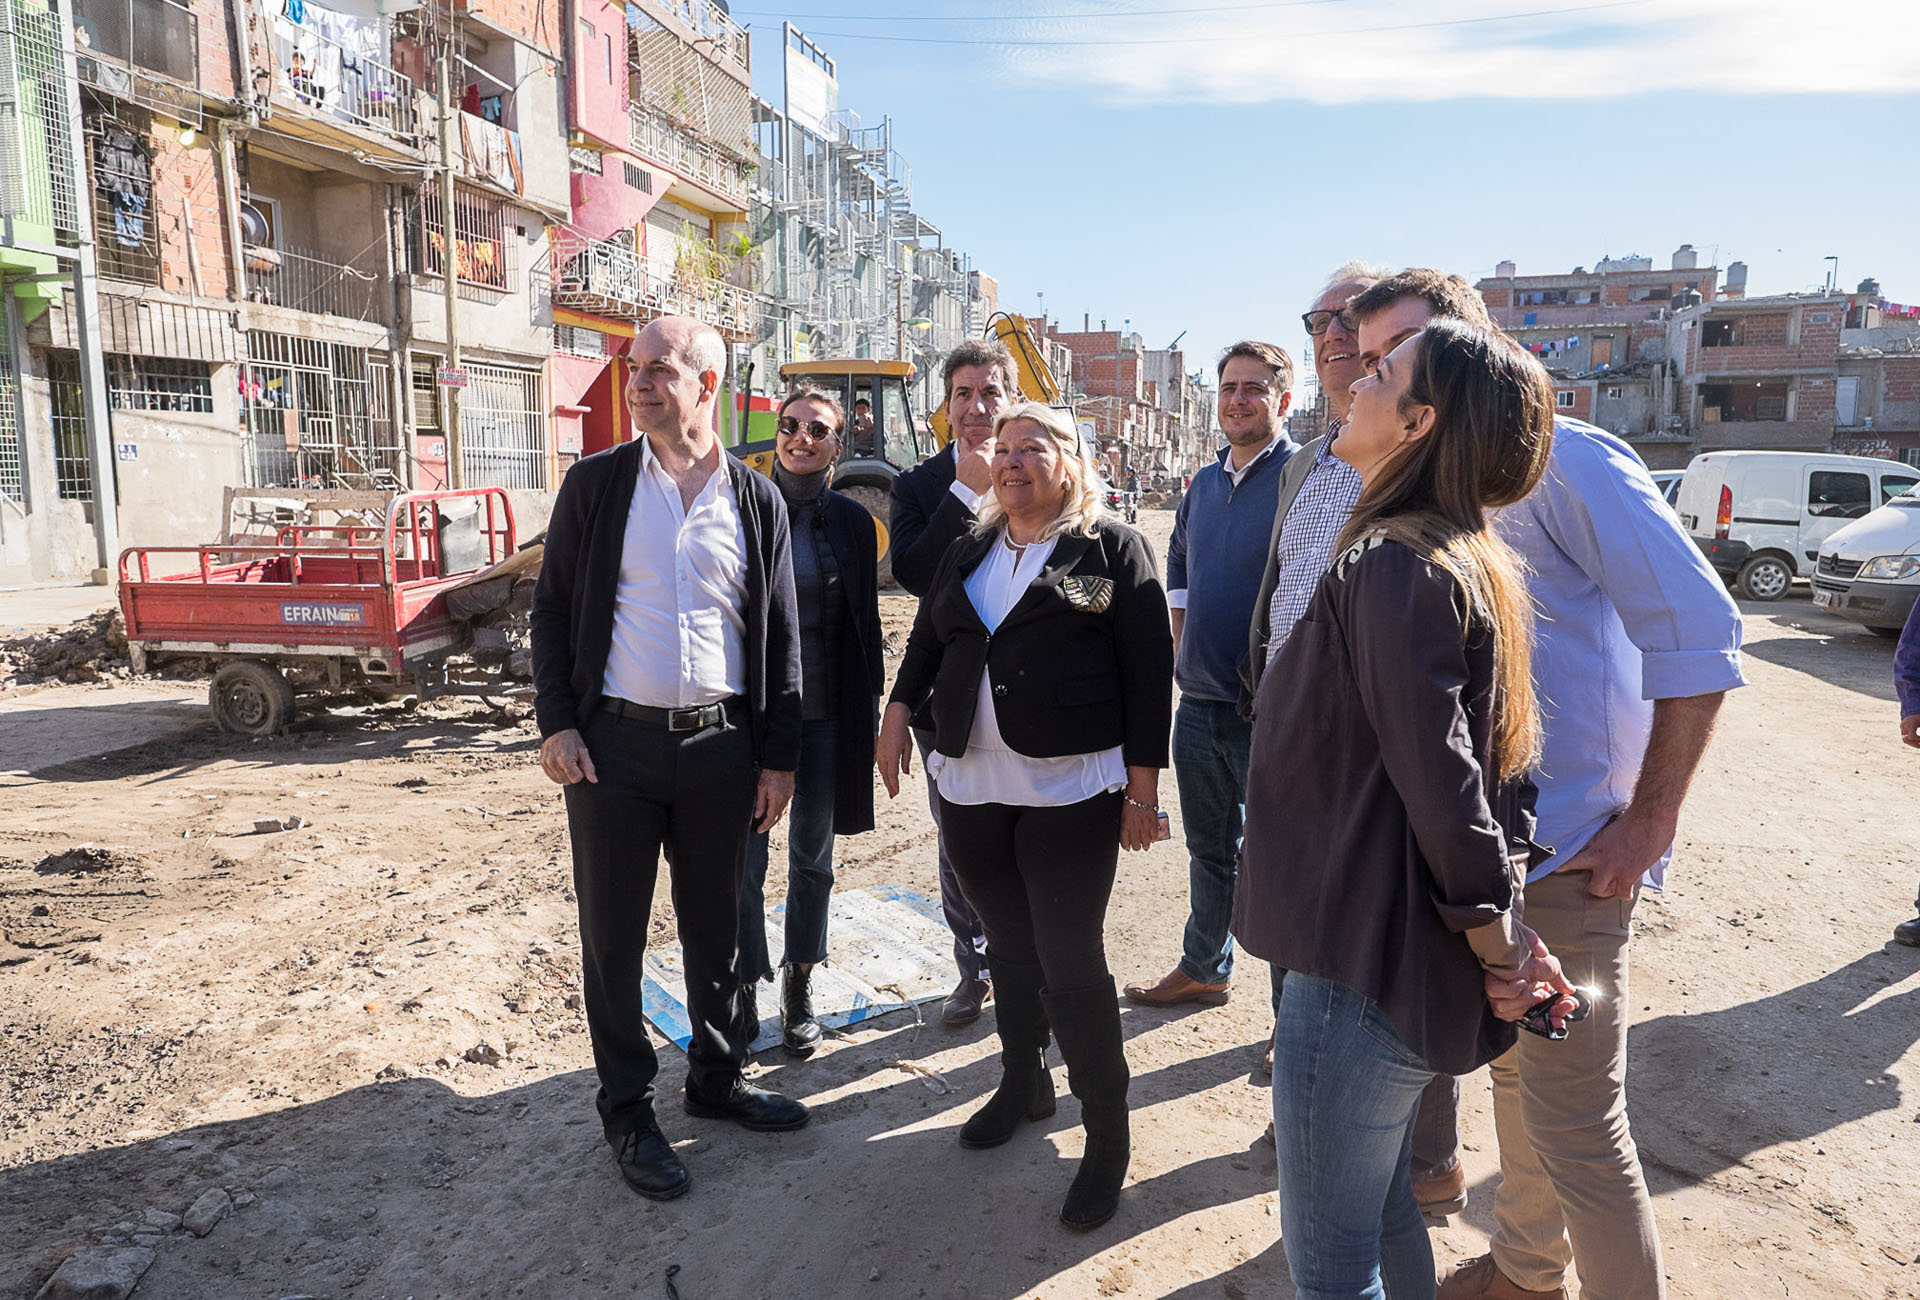 La candidata a diputada de Vamos Juntos, Elisa Carrió, realizó una visita junto al jefe de gobierno Horacio Rodríguez Larreta a la Villa 31, rebautizada como Barrio 31. También optó por lucir un equipo clásico de tres piezas